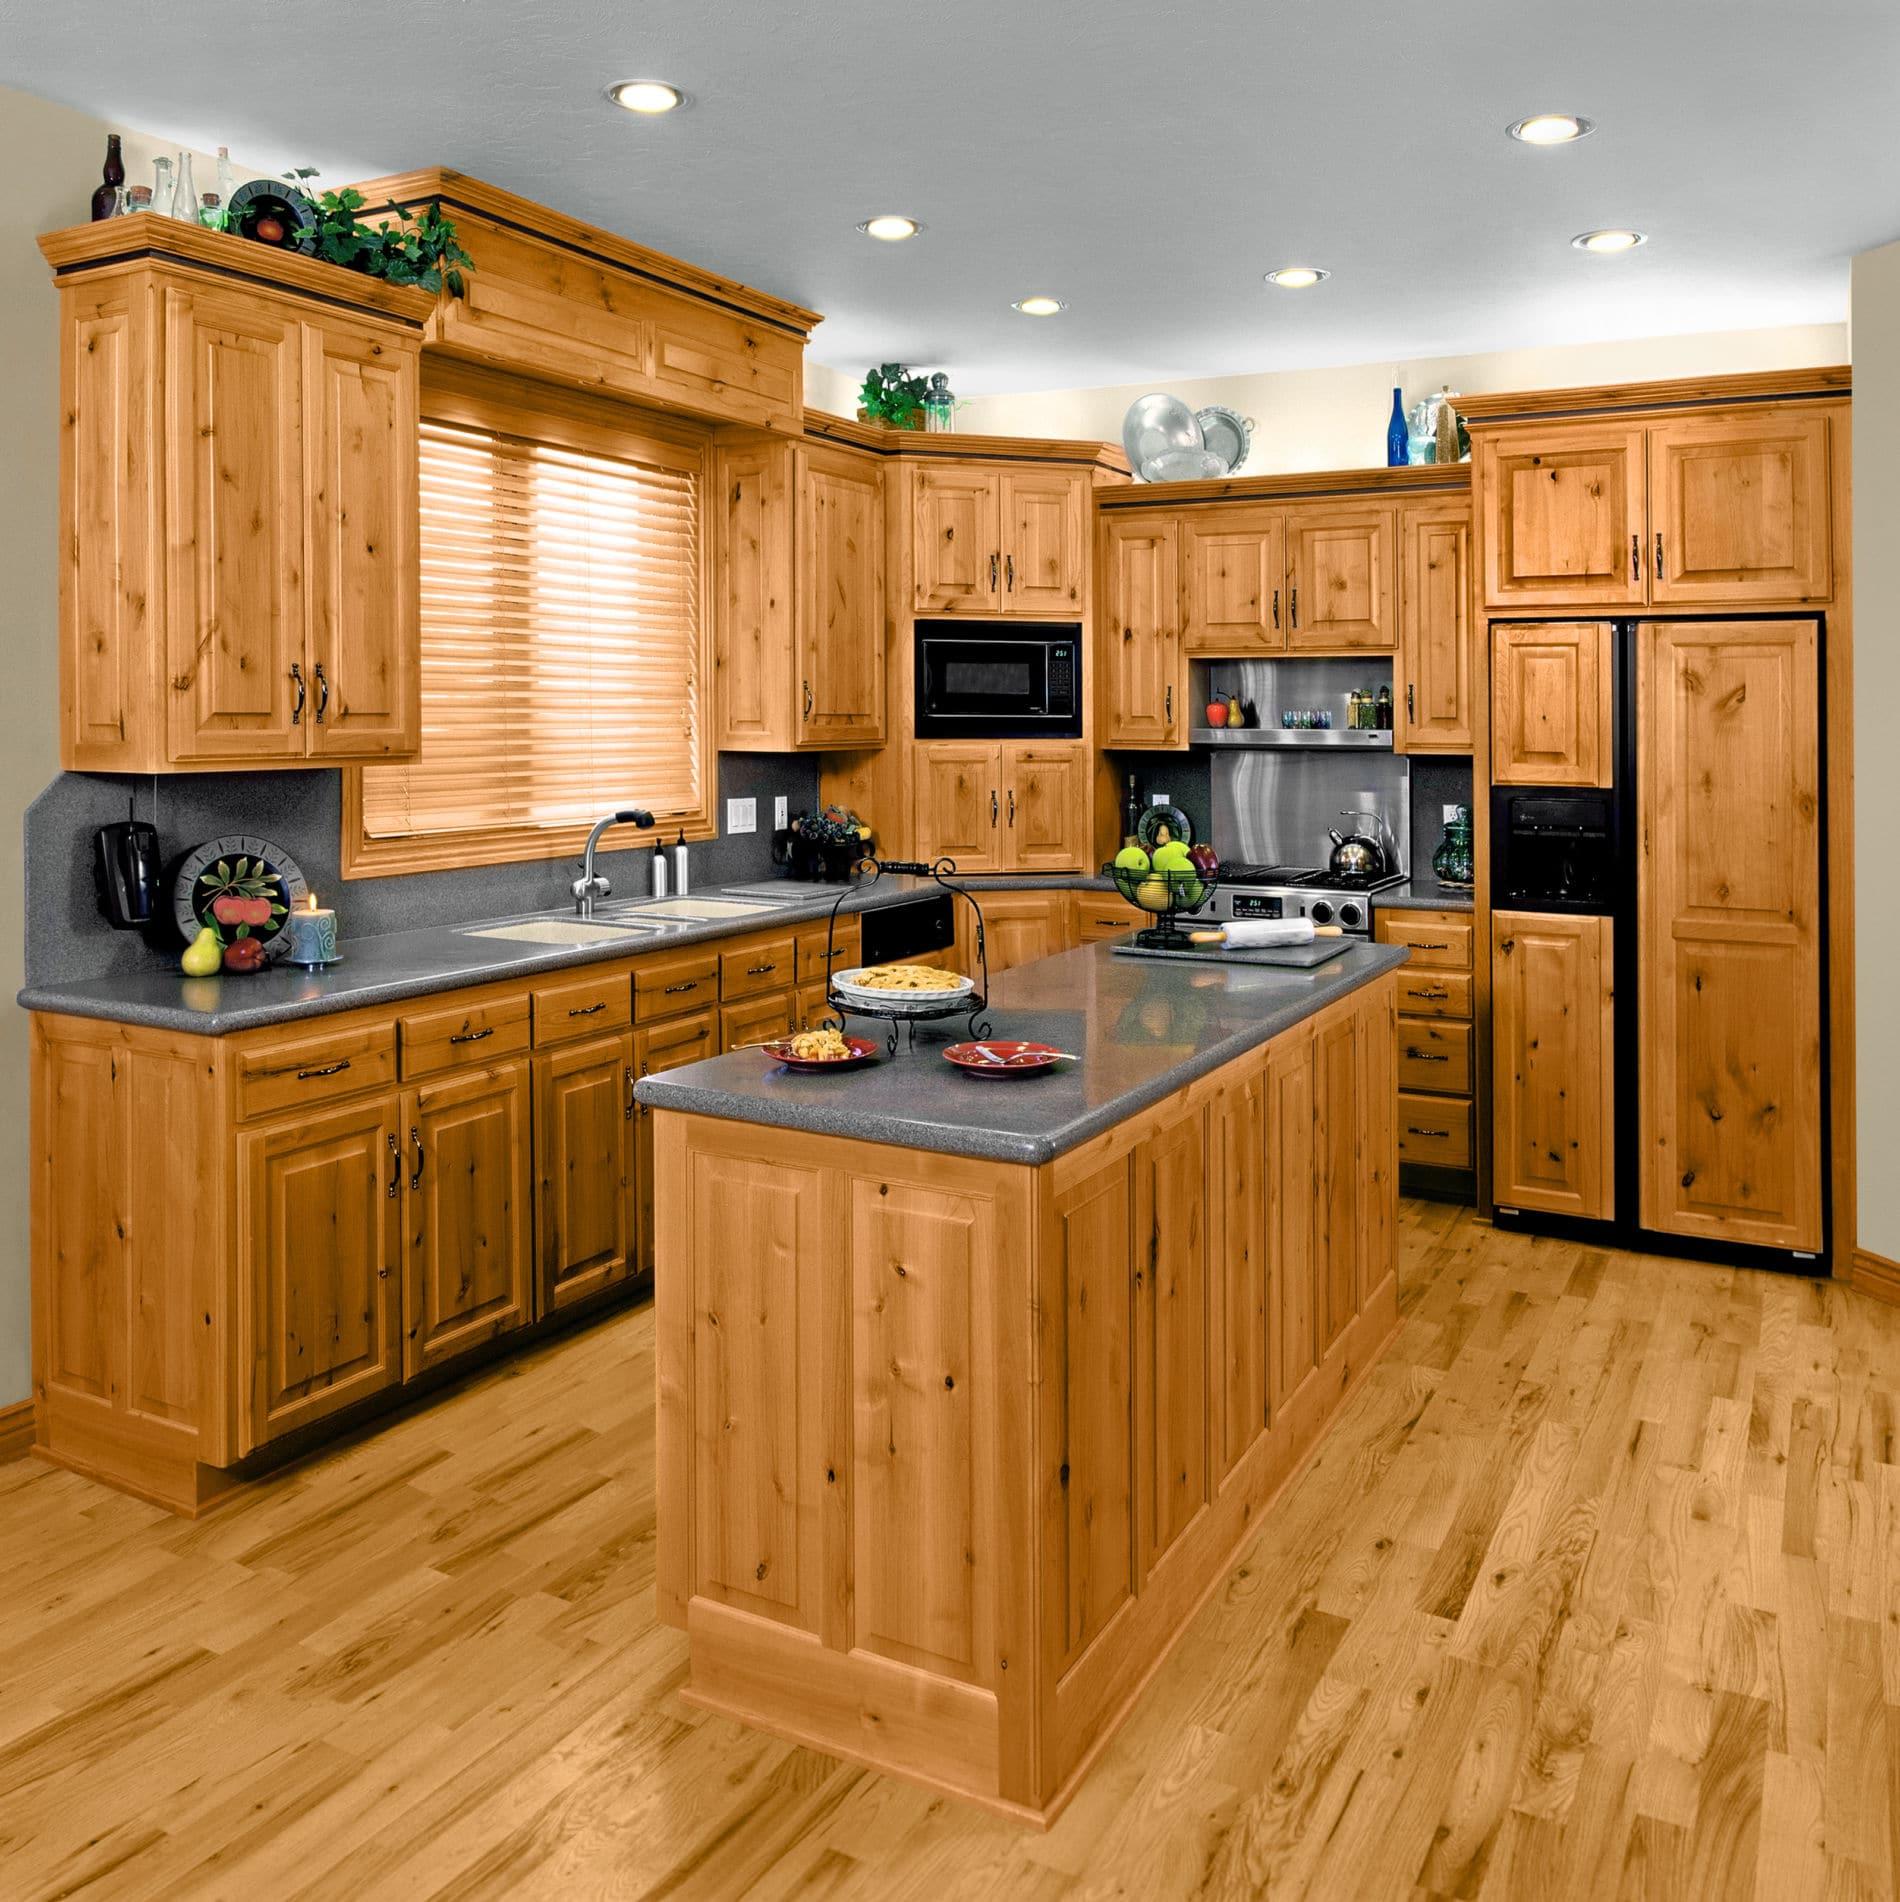 מטבח מעץ דגם ניס - מטבח איכותי ברמה גבוהה